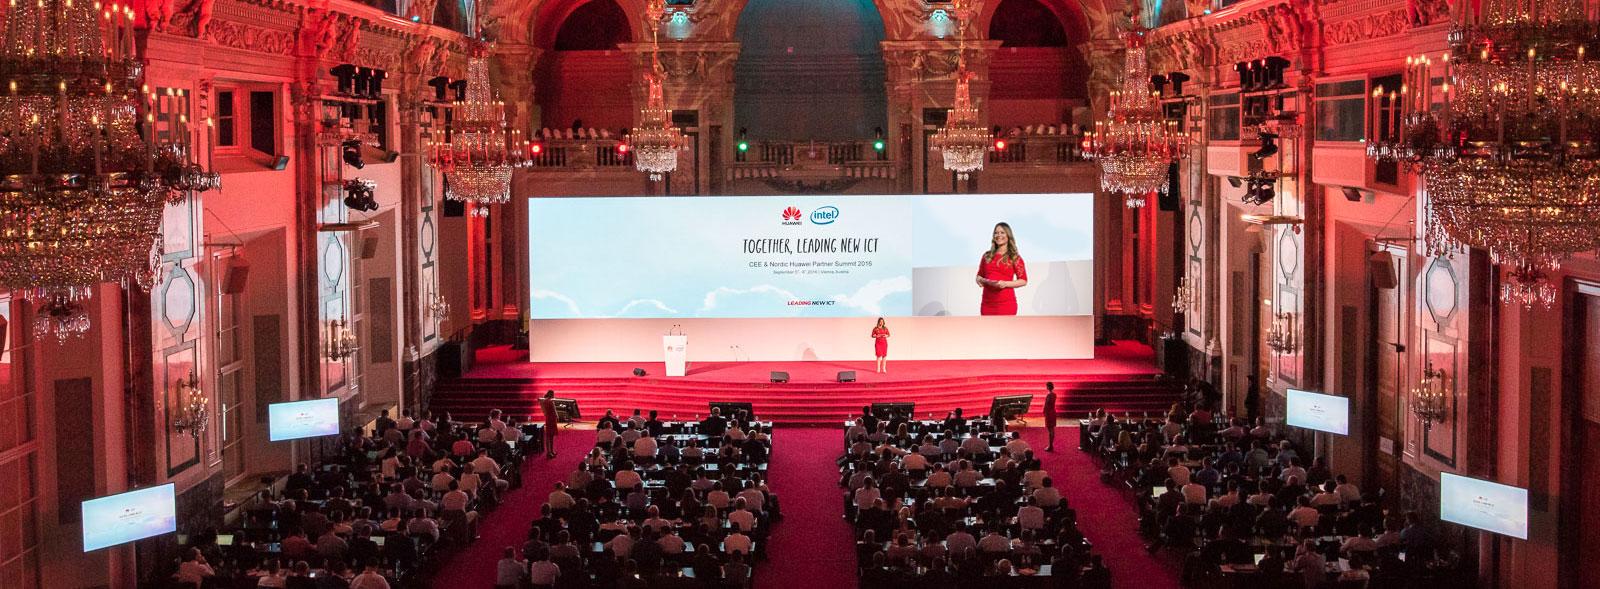 Professionelle Moderatorin für Digitalisierung Saskia Naumann ist Ihre Eventmoderatorin